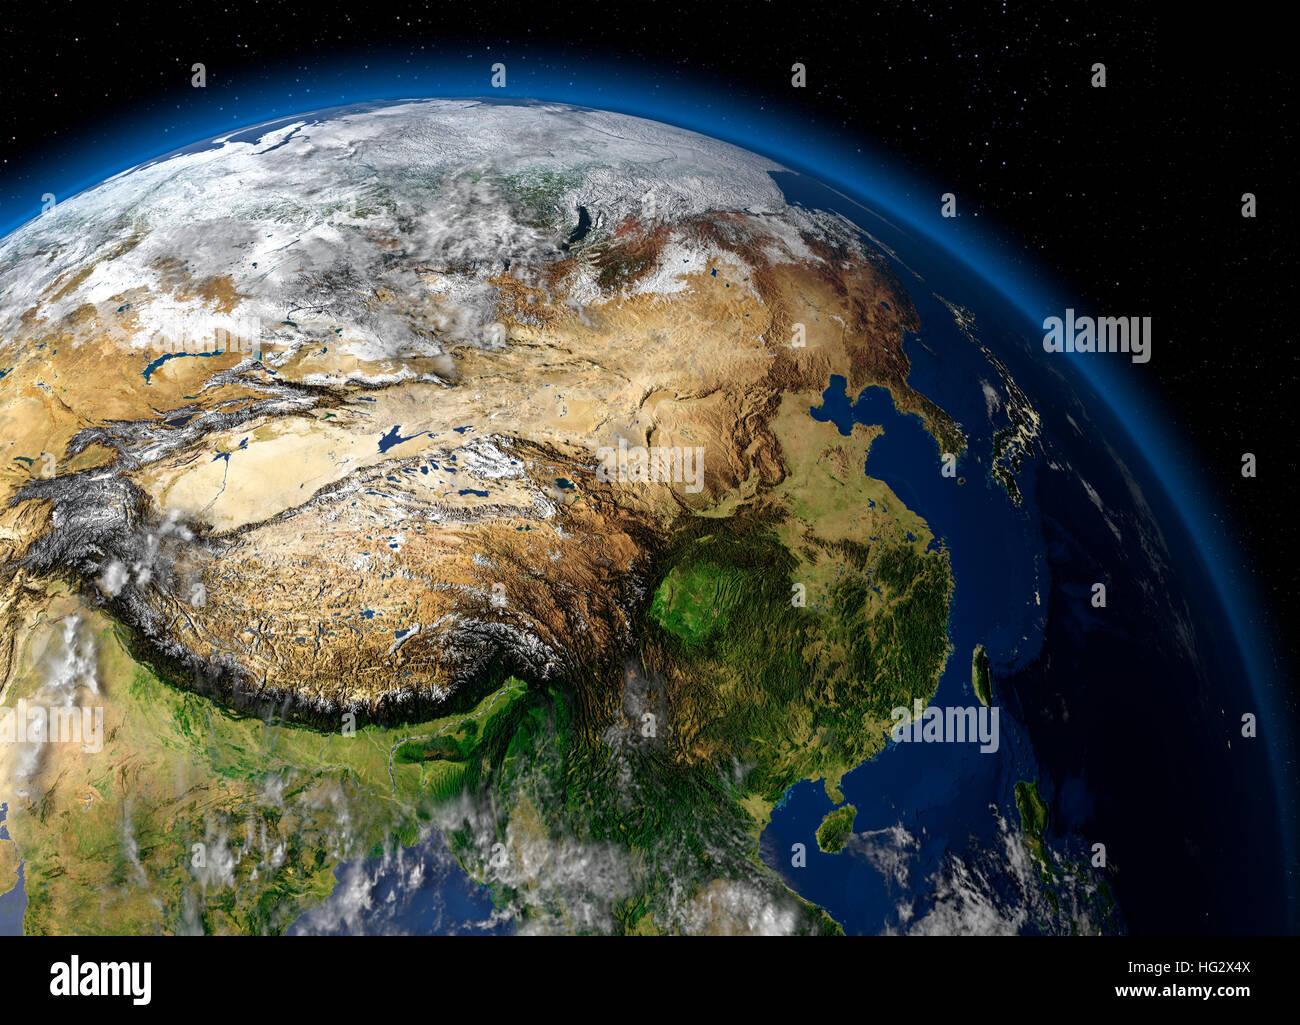 Erde aus dem Weltraum zeigt China angesehen. Realistische digitale Illustration einschließlich Reliefkarte Stockbild